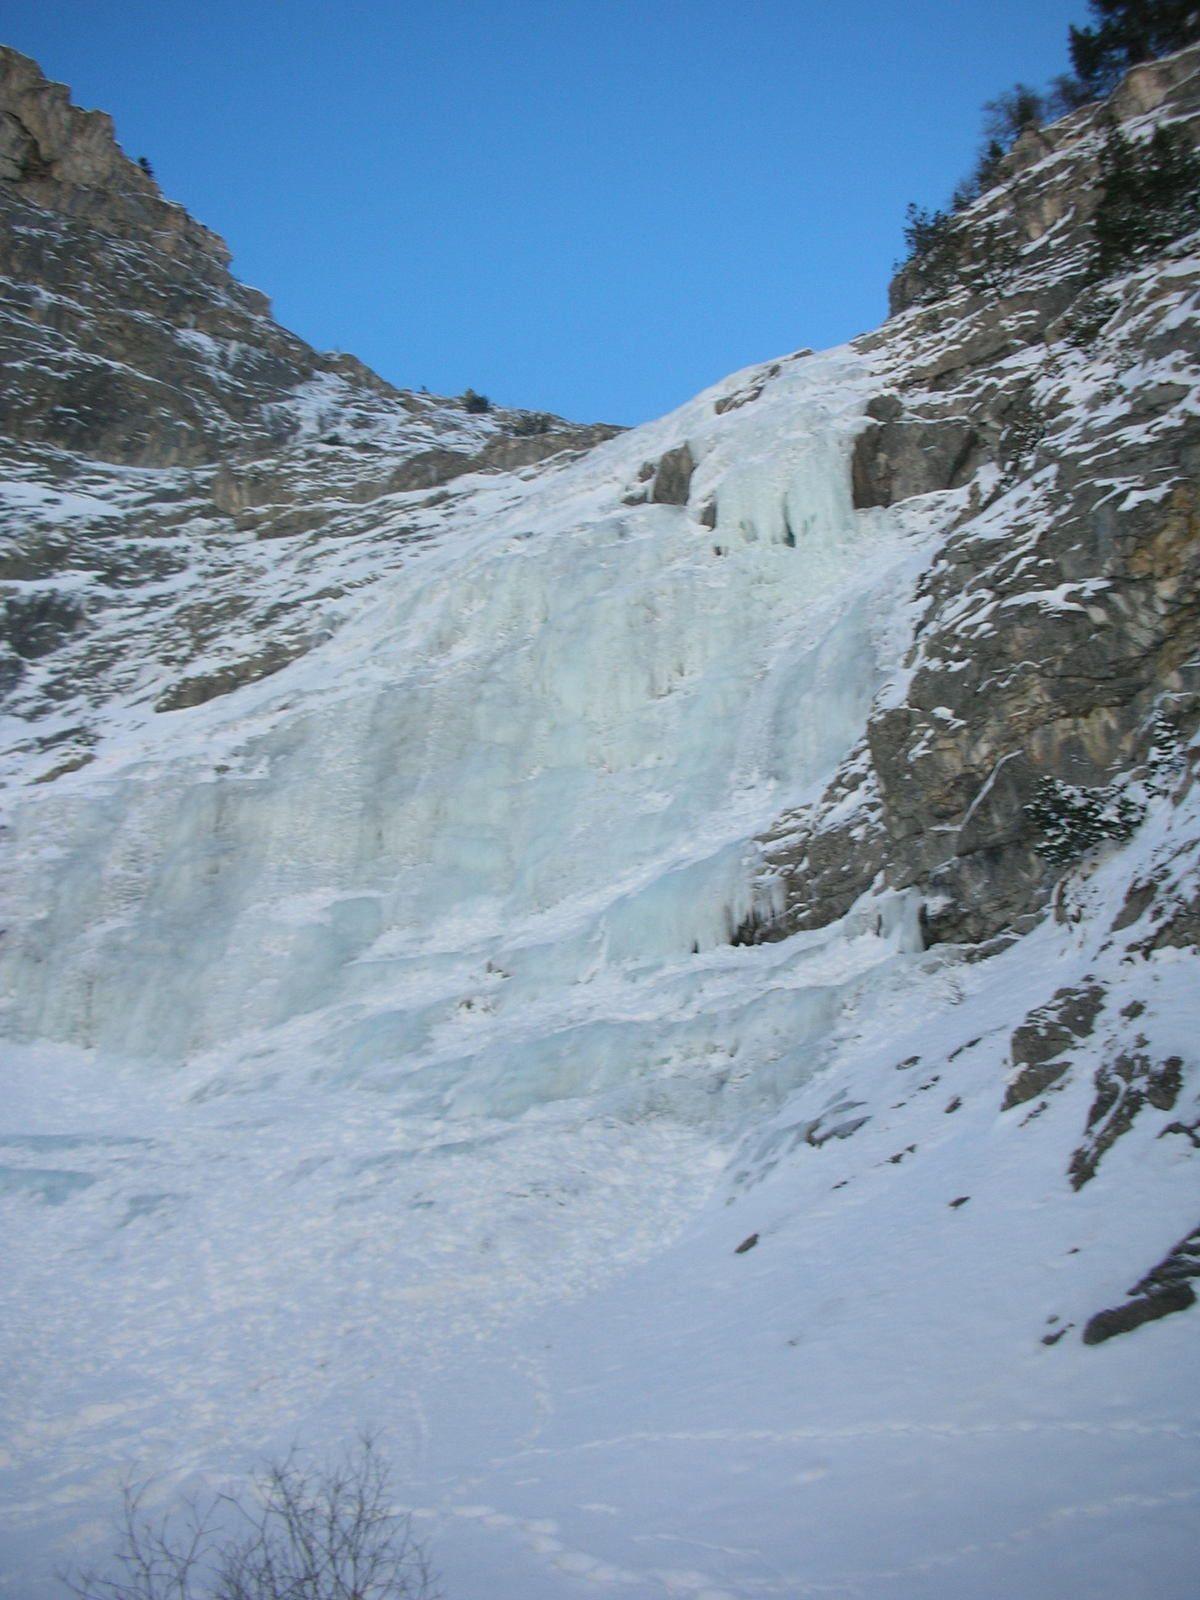 Val d'Isère: Cascade de la Daille